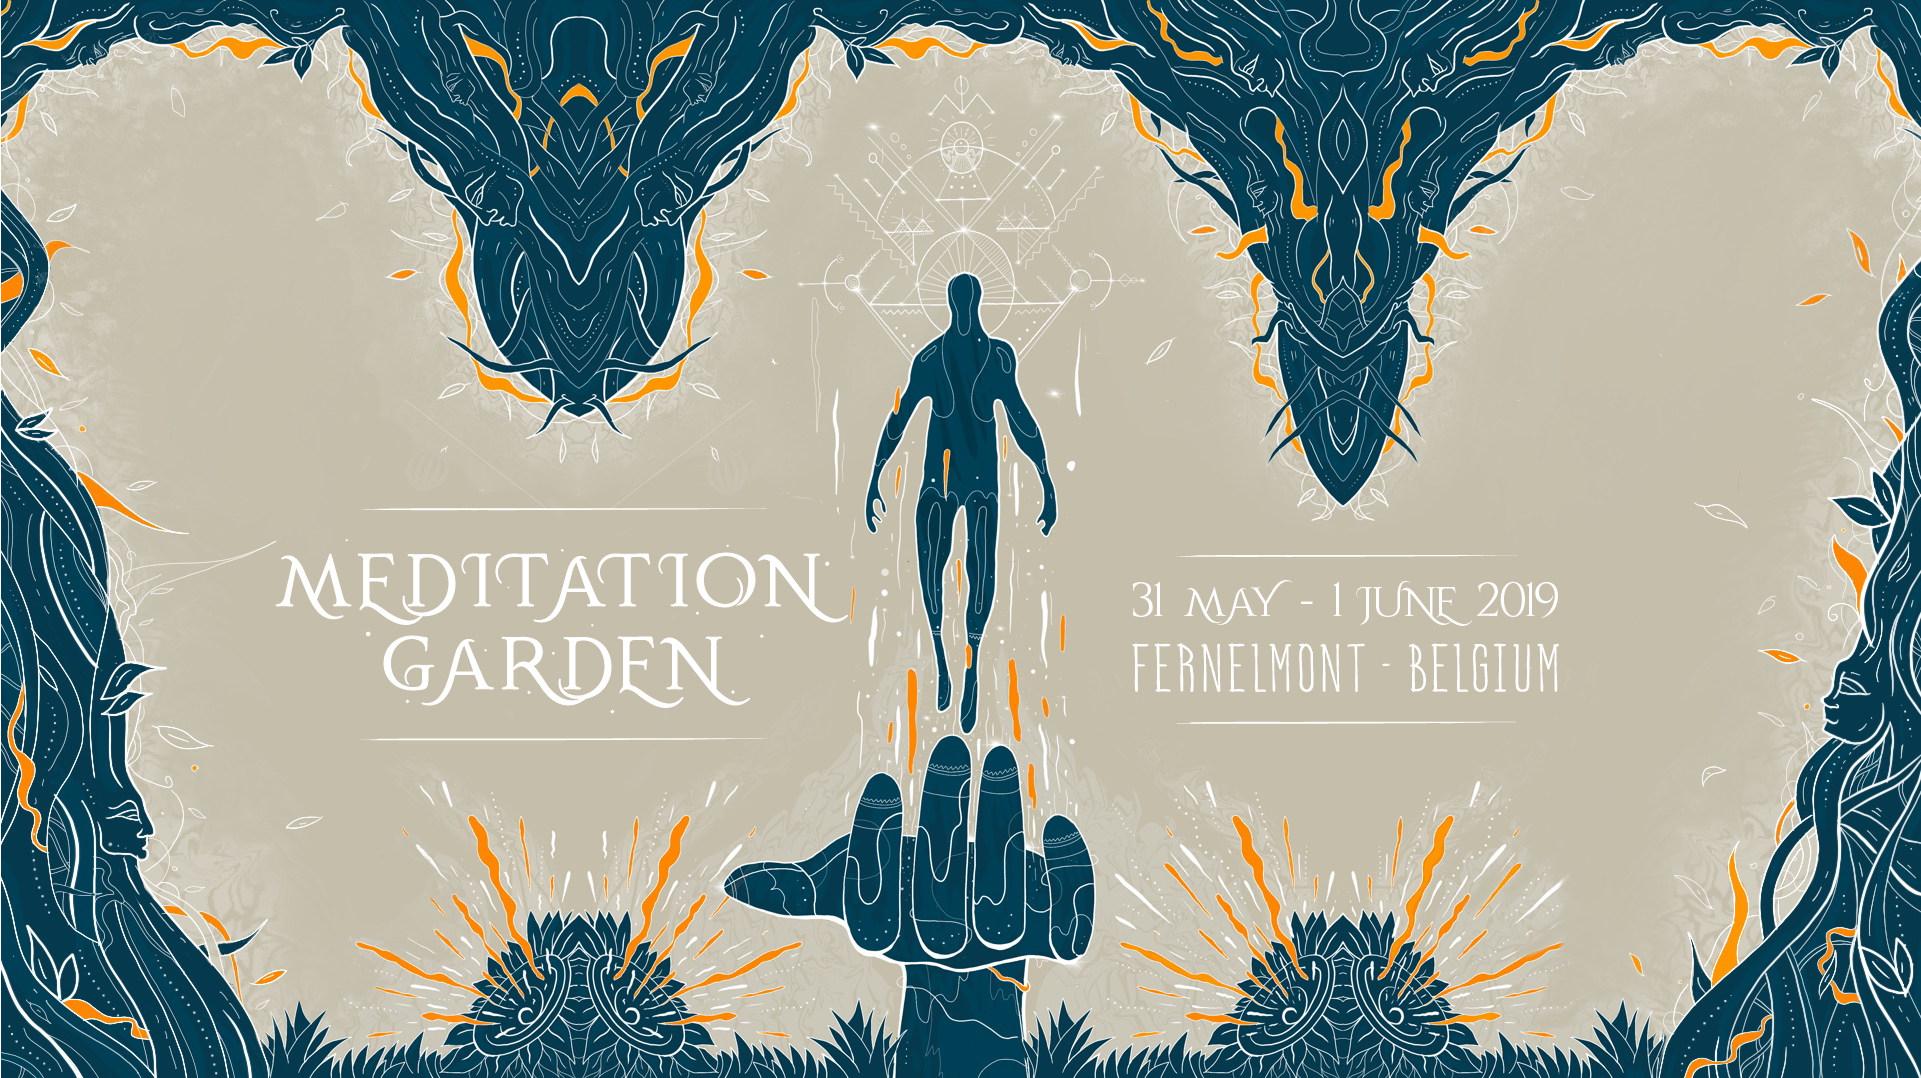 Meditation Garden 2019.jpg